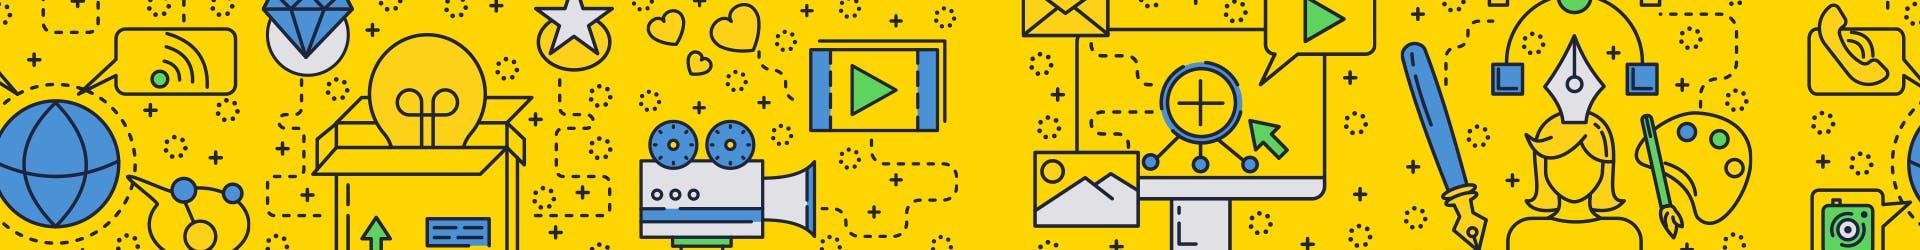 Schéma représentatif du digital avec des caméras, des icons wifi, des ordinateurs, des boutons play